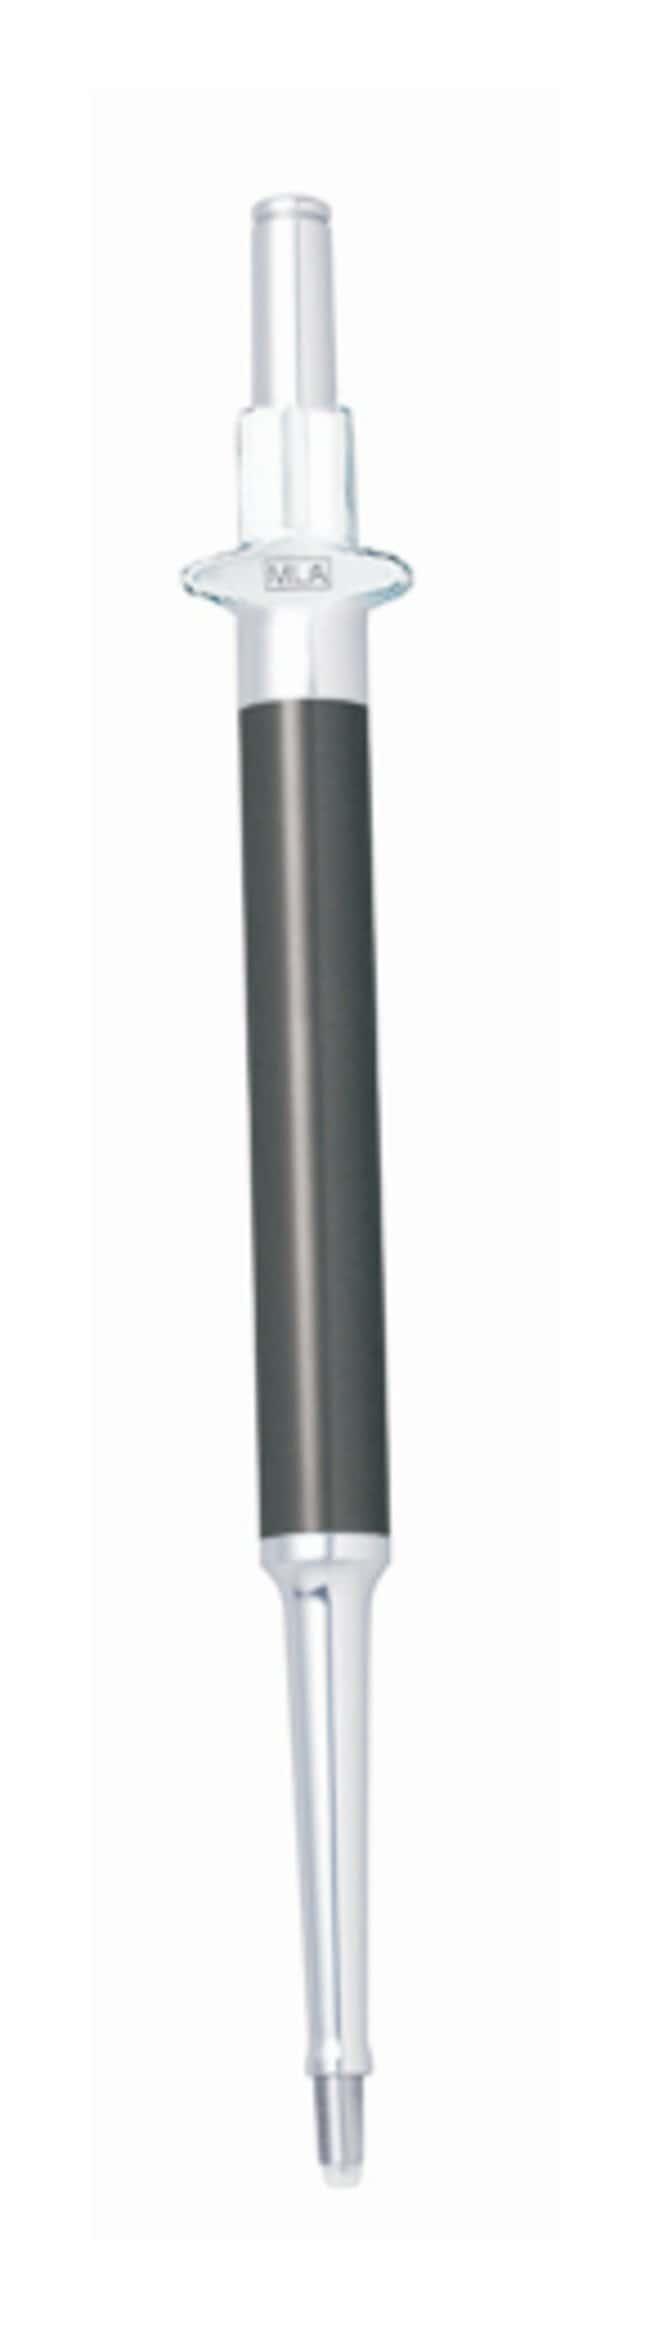 VistaLab TechnologiesMLA Brand Precision Pipetters:Pipettes:Pipettors